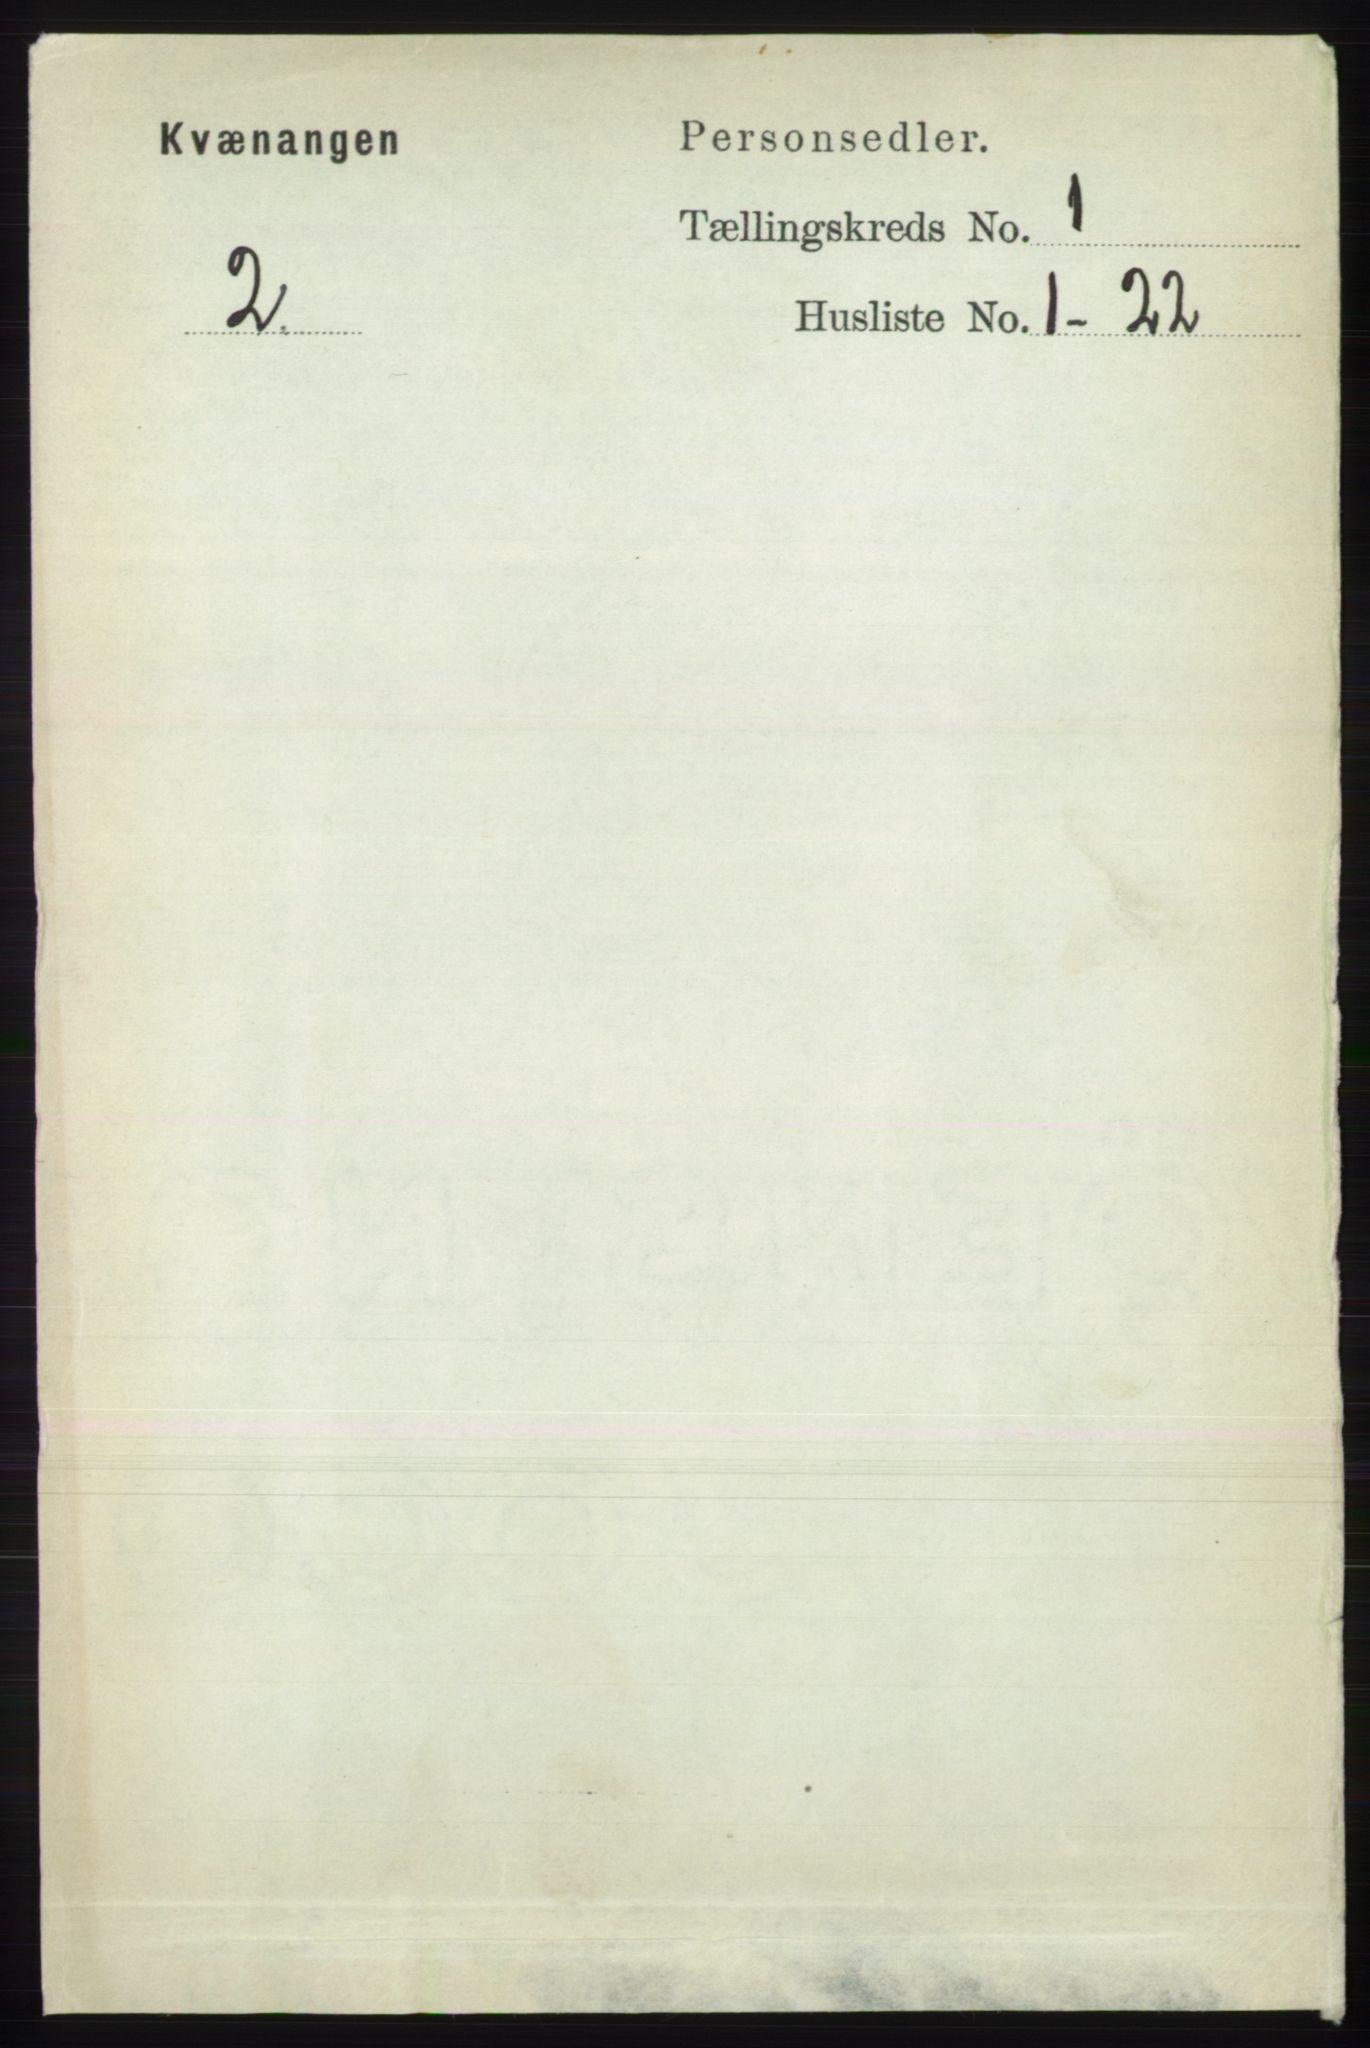 RA, Folketelling 1891 for 1943 Kvænangen herred, 1891, s. 54